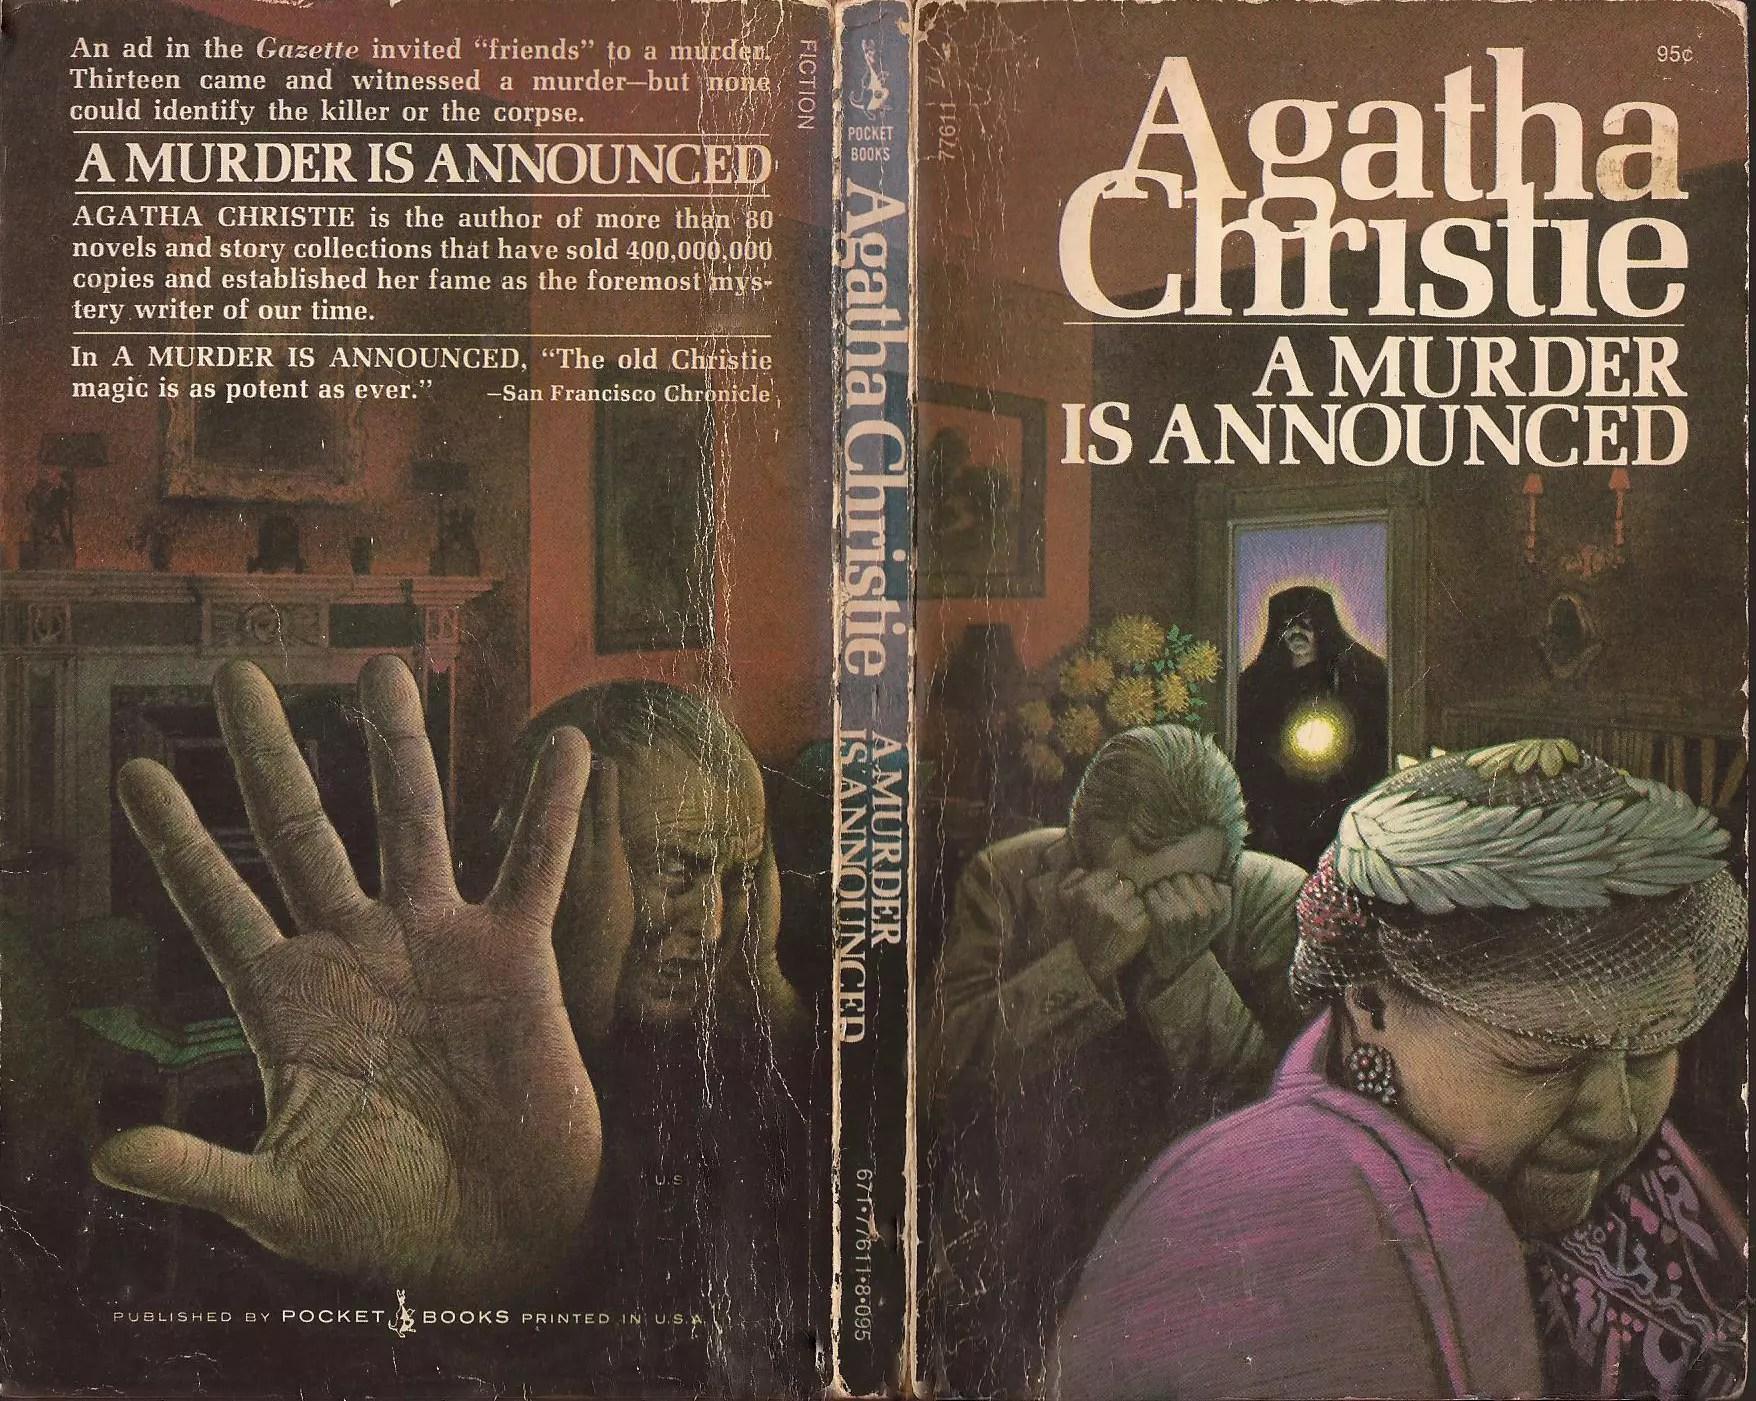 Agatha Christie Tom Adams A Murder is Announced Pocket Books